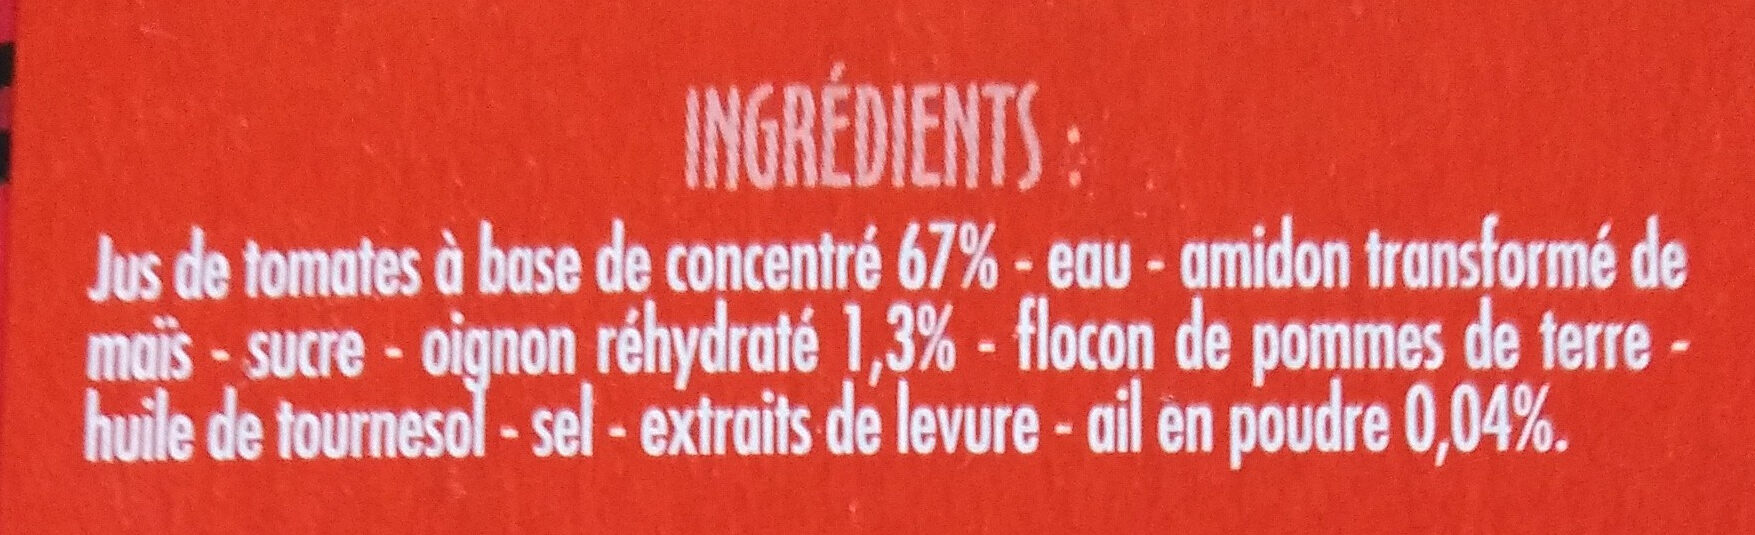 Velouté de tomates - Ingrédients - fr